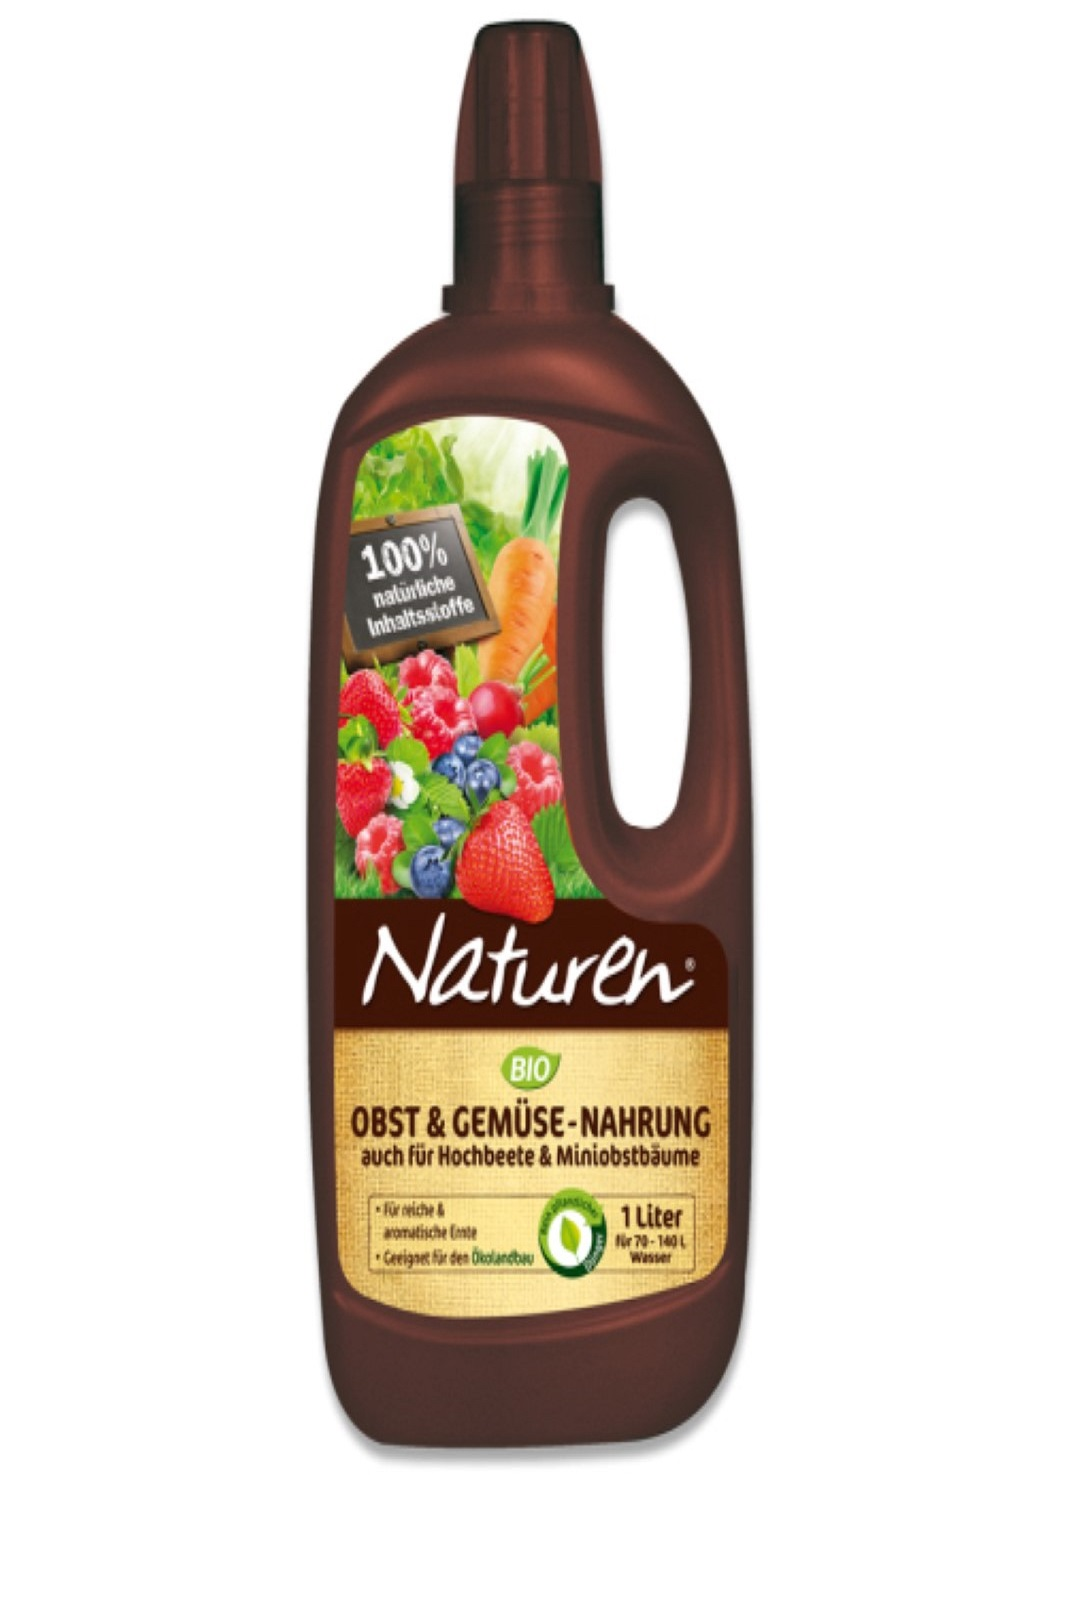 Naturen BIO Obst und Gemüse Nahrung 1 liter